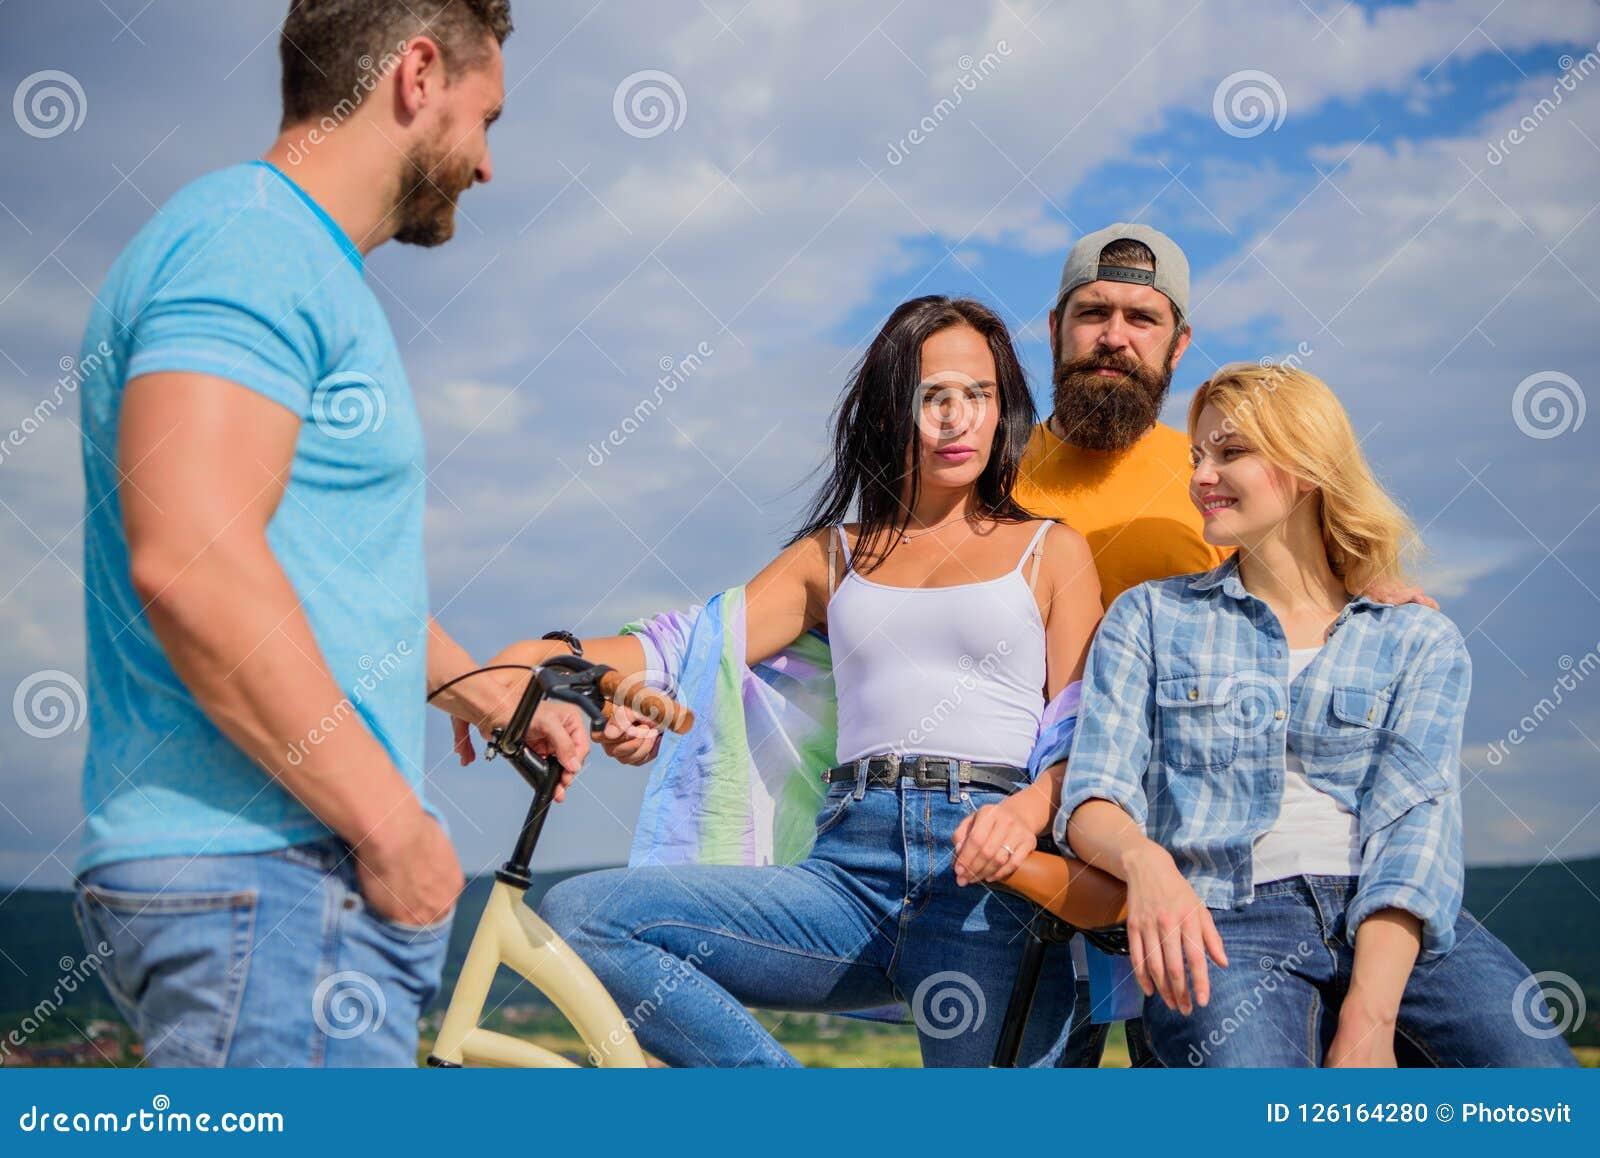 Modernidade do ciclismo e cultura nacional Os amigos do grupo penduram para fora com bicicleta Os jovens à moda da empresa gastam